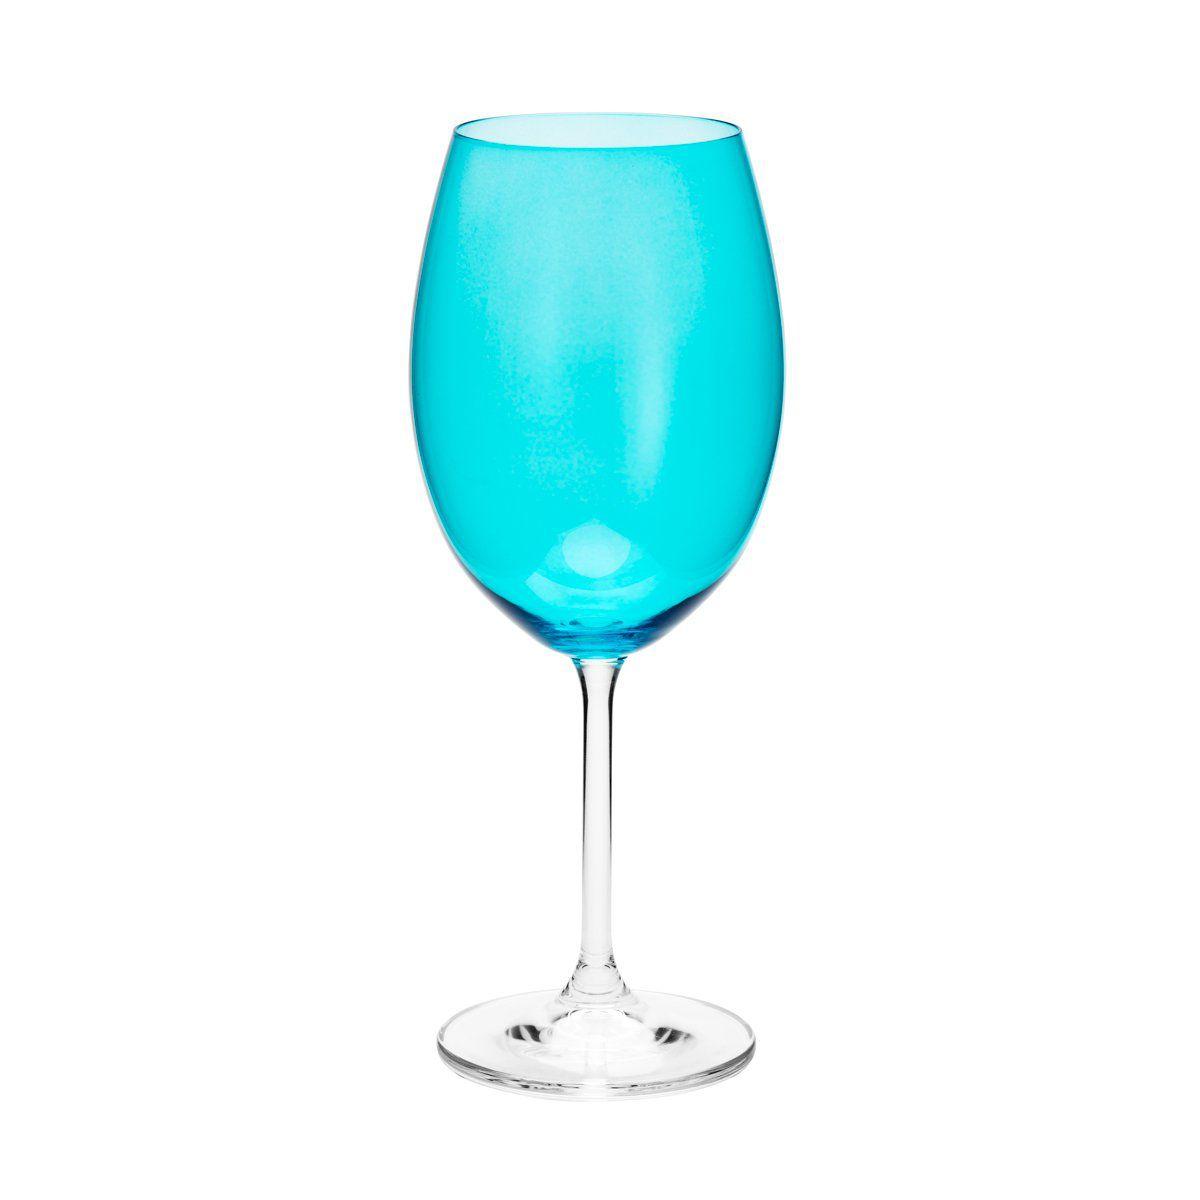 Jogo 6 taças 580ml para água de cristal ecológico turquesa Gastro/Colibri Bohemia - 35046